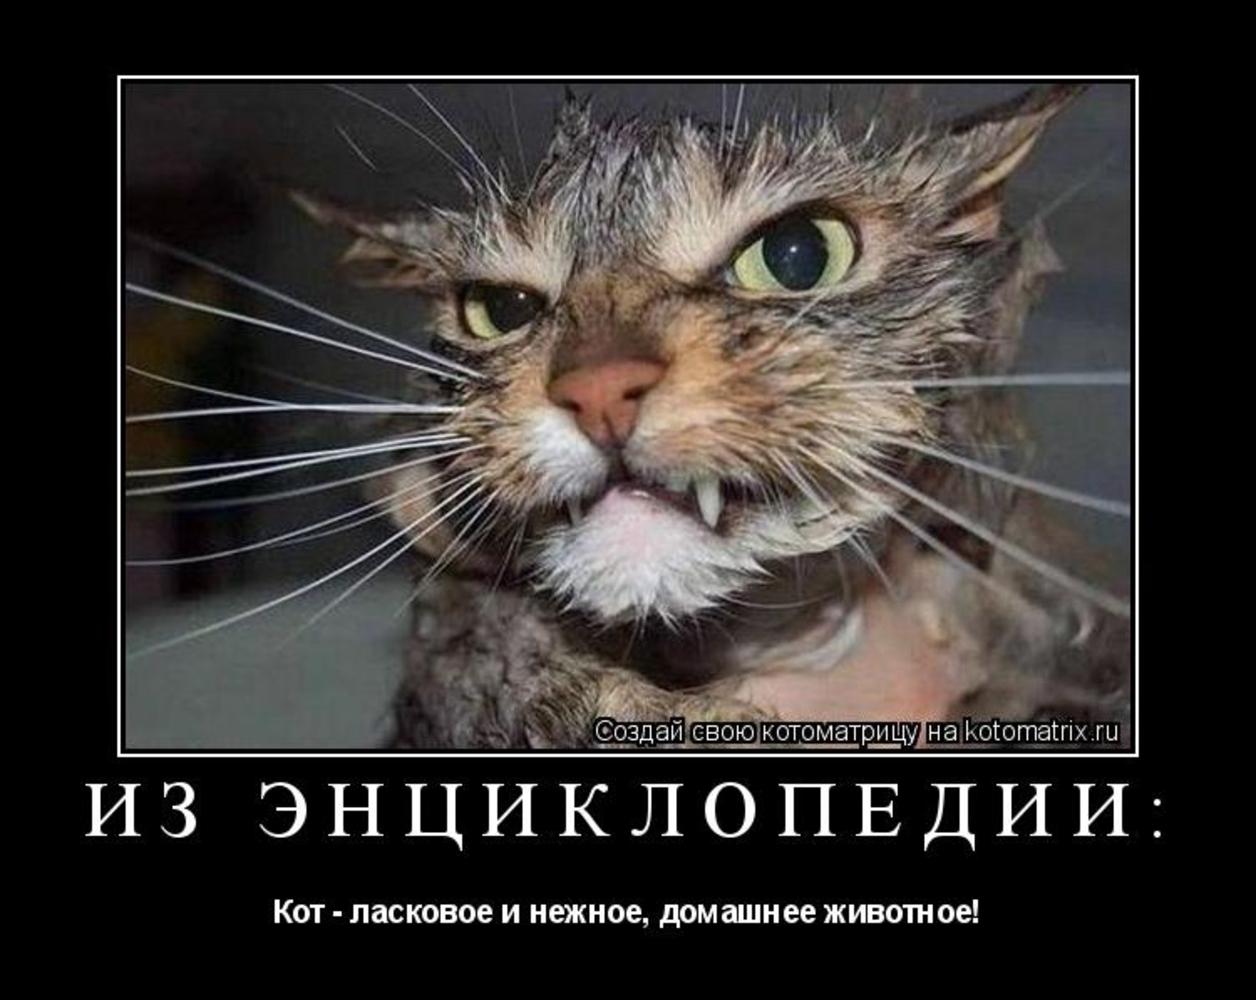 роликом, злые коты демотиватор как будто толще